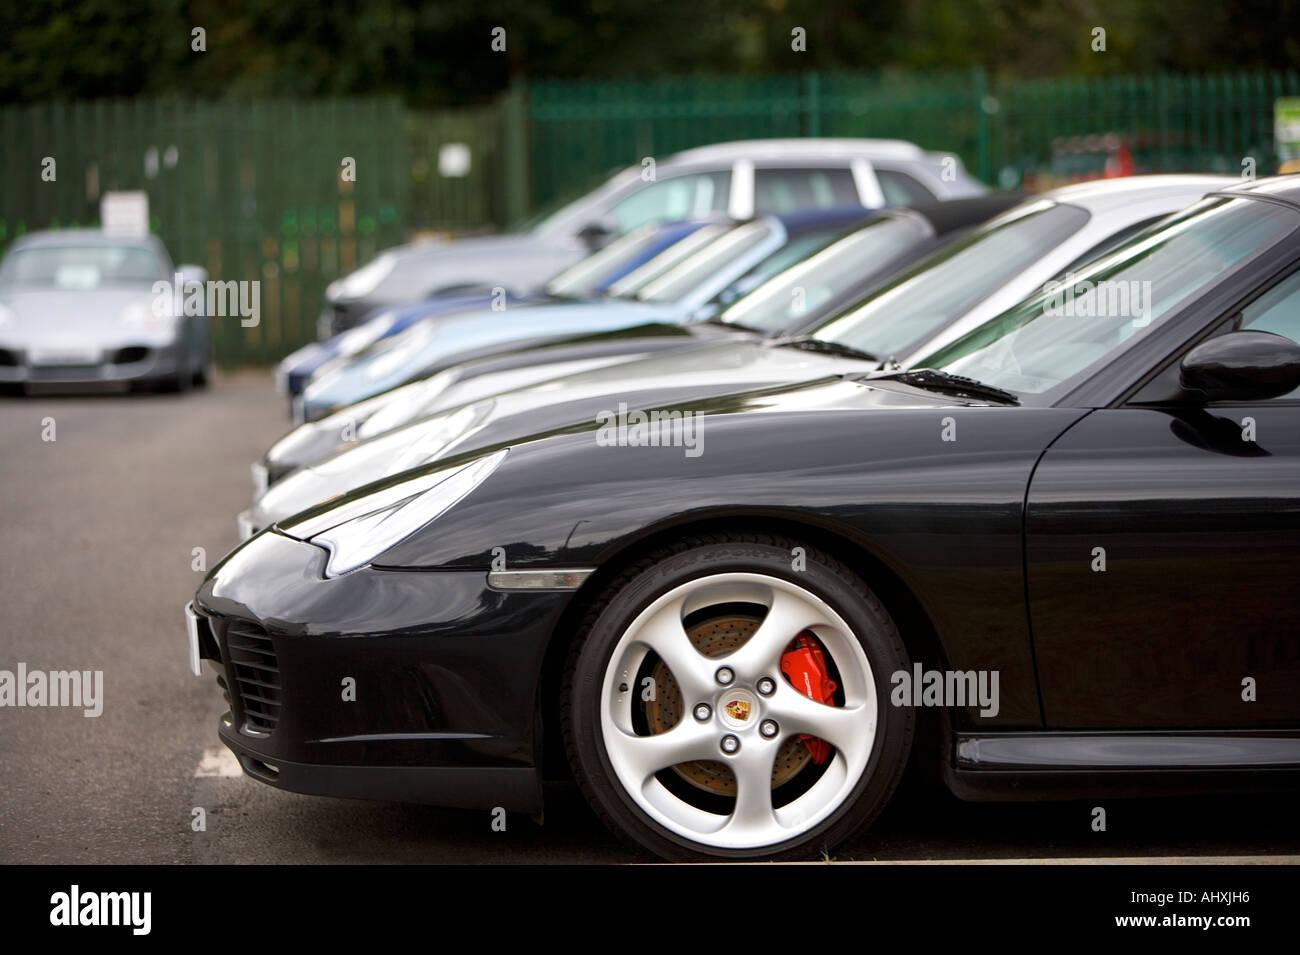 Porsche pictures of porsches : Porsches Stock Photo, Royalty Free Image: 8321941 - Alamy